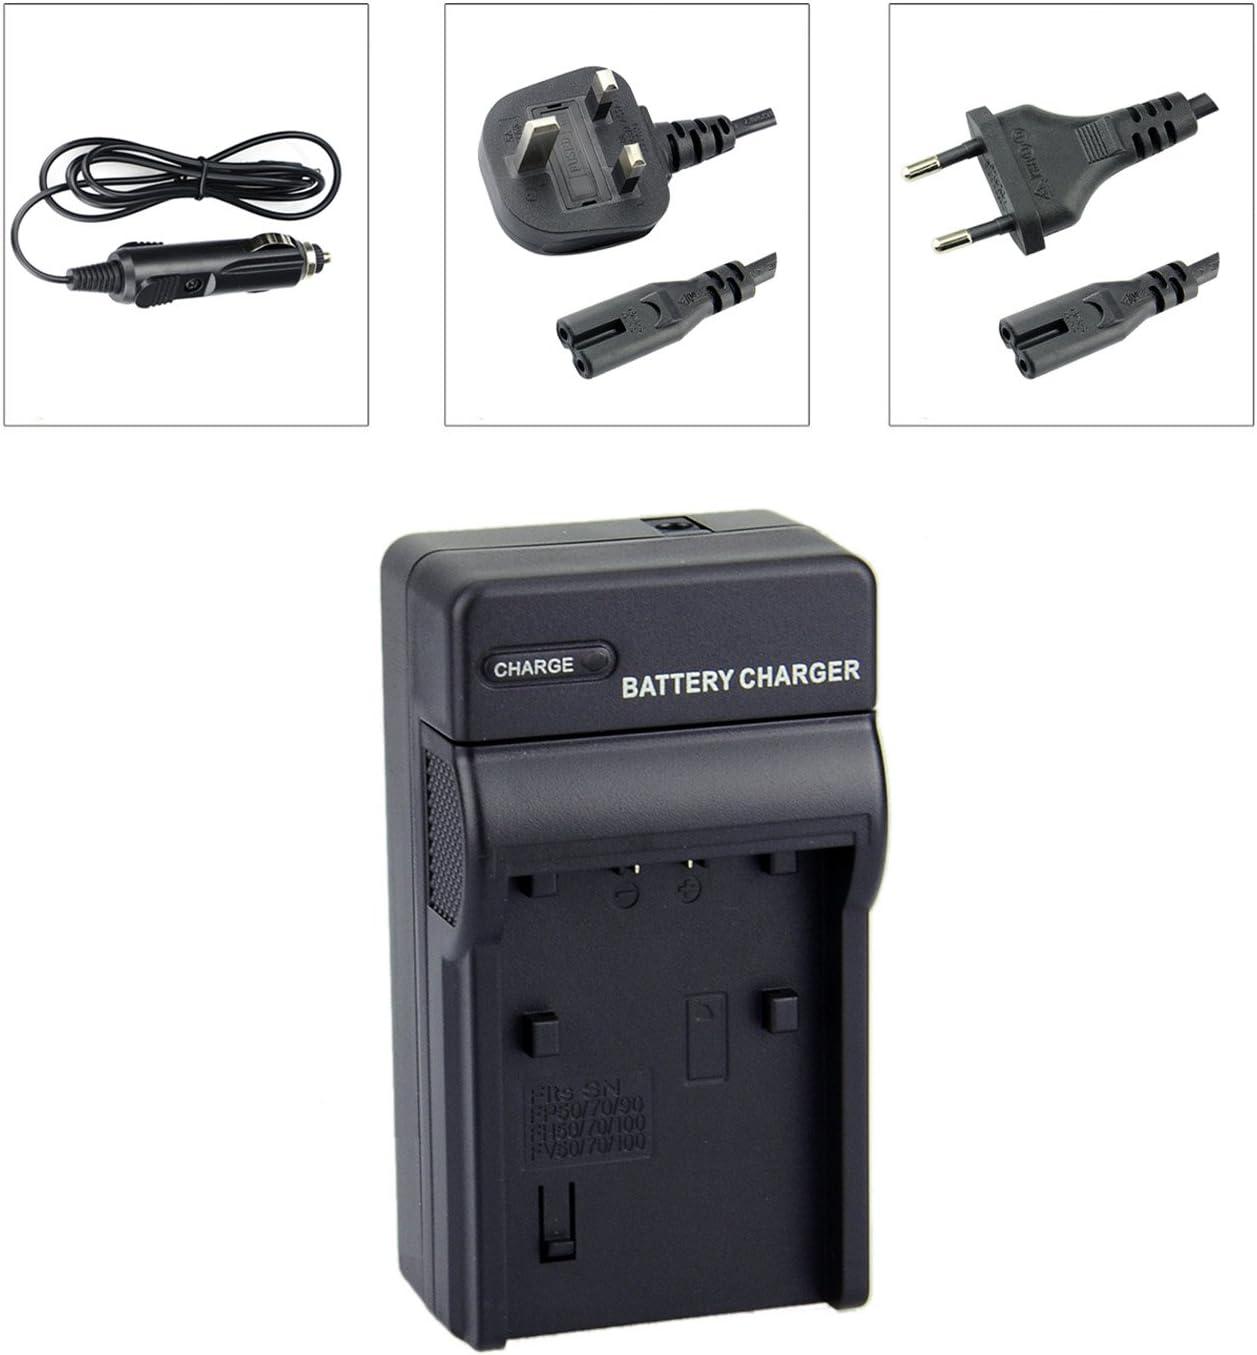 DSTE Chargeurs de Batteries Compatible pour Sony NP-FP50 NP-FP70 NP-FP90 NP-FP71 NP-FP91 NP-FP51D NP-FP71D NP-FP91D NP-FH50 NP-FV50 Battery